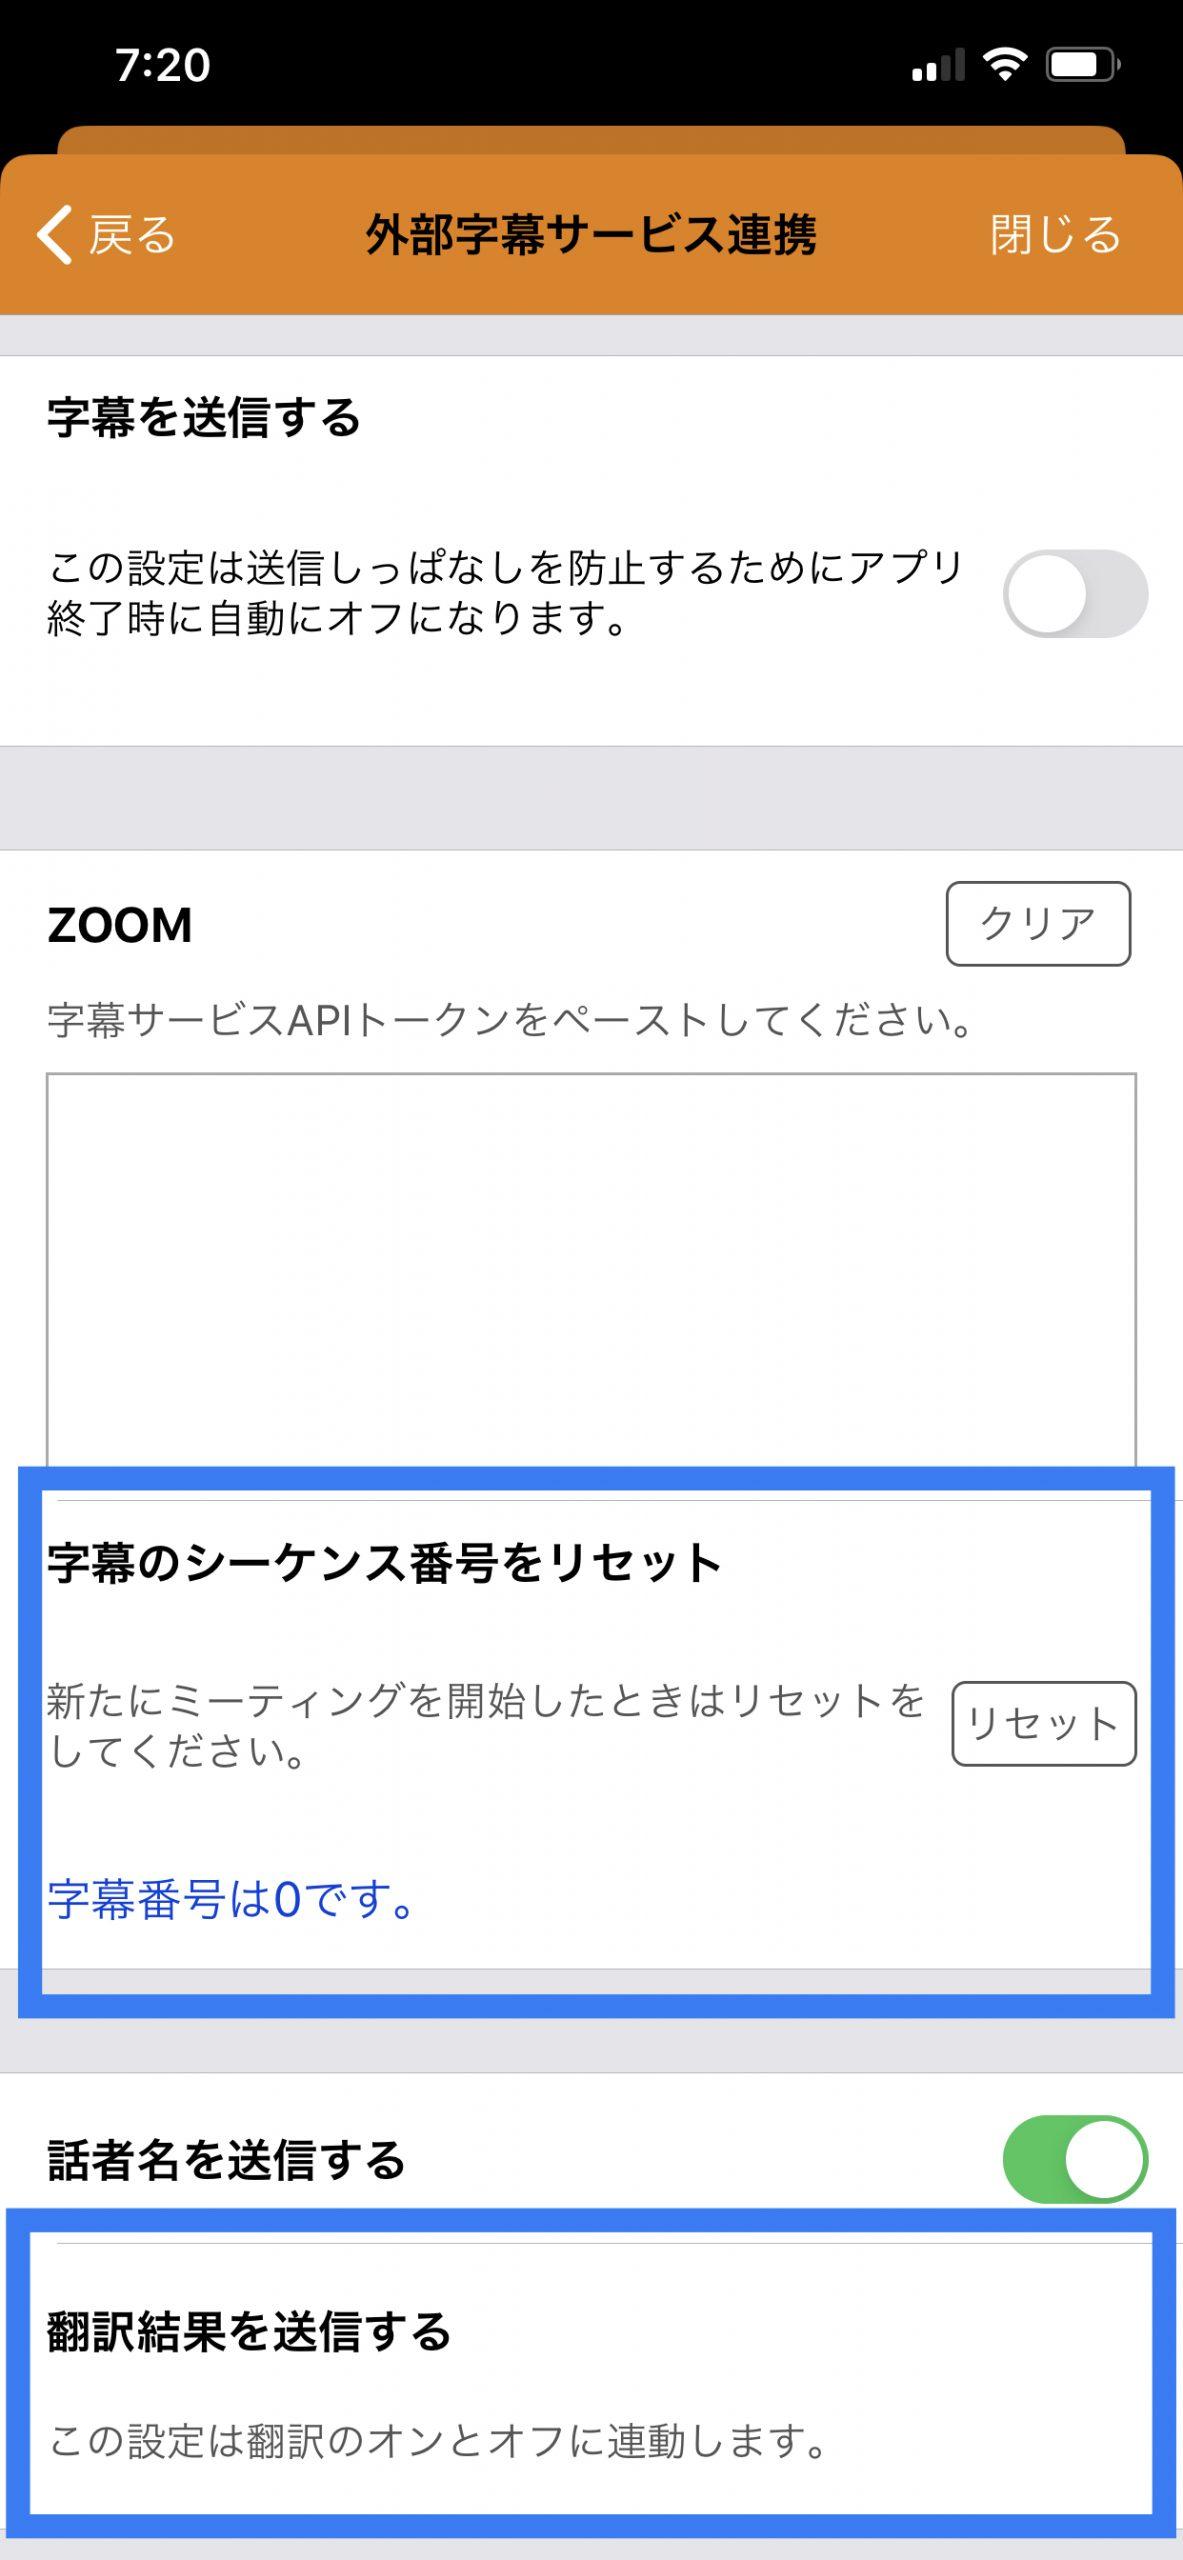 設定 zoom マイク